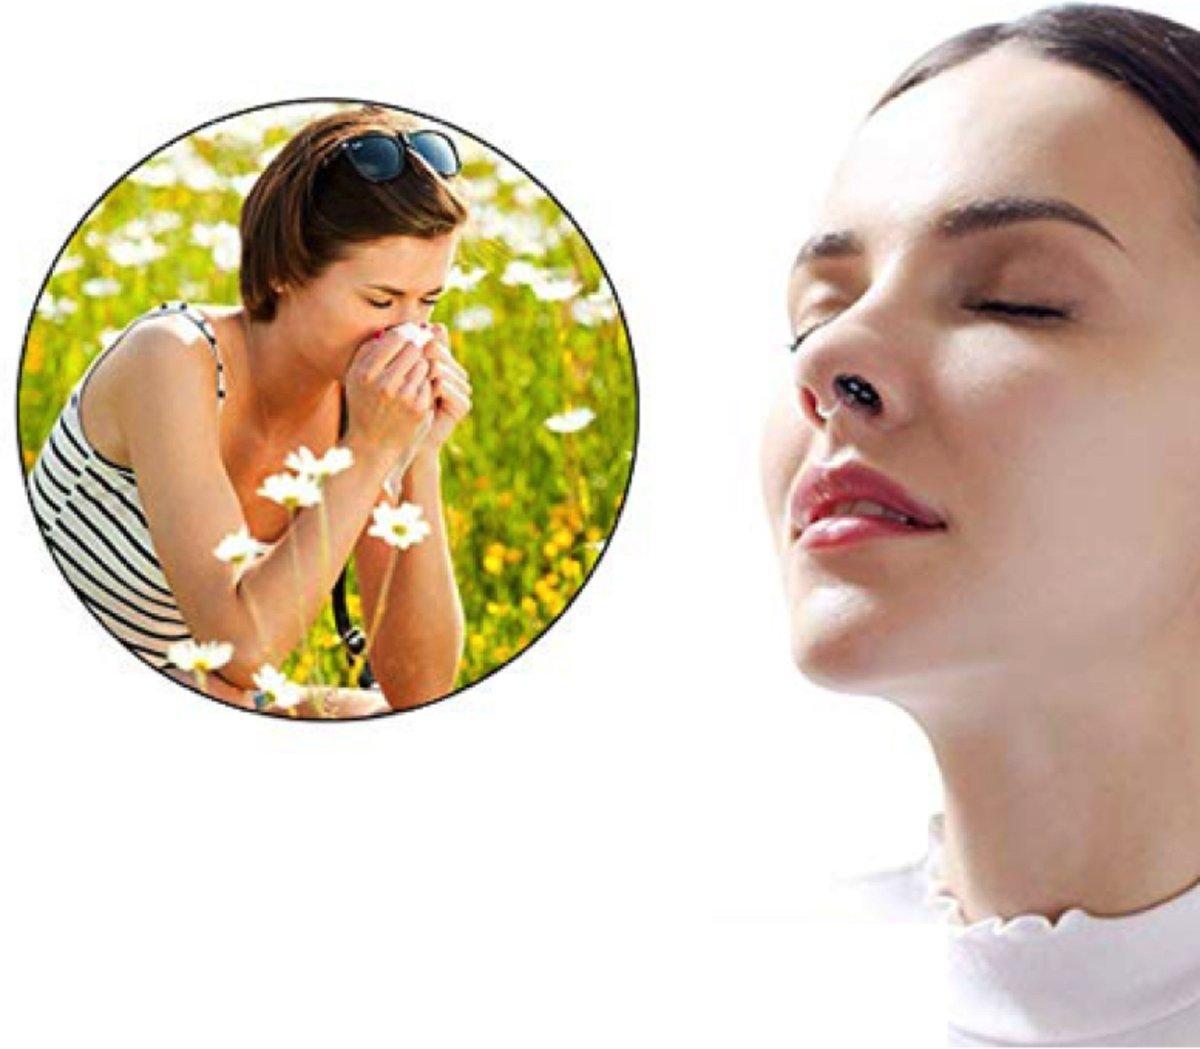 Foto van Anti Allergie S| Anti-Allergie |Neusfilters | Neus Filters | Anti-allergie apparaat | Anti Allergie Apparaat | Hooikoorts | Stofmasker | Stof masker | Adembescherming